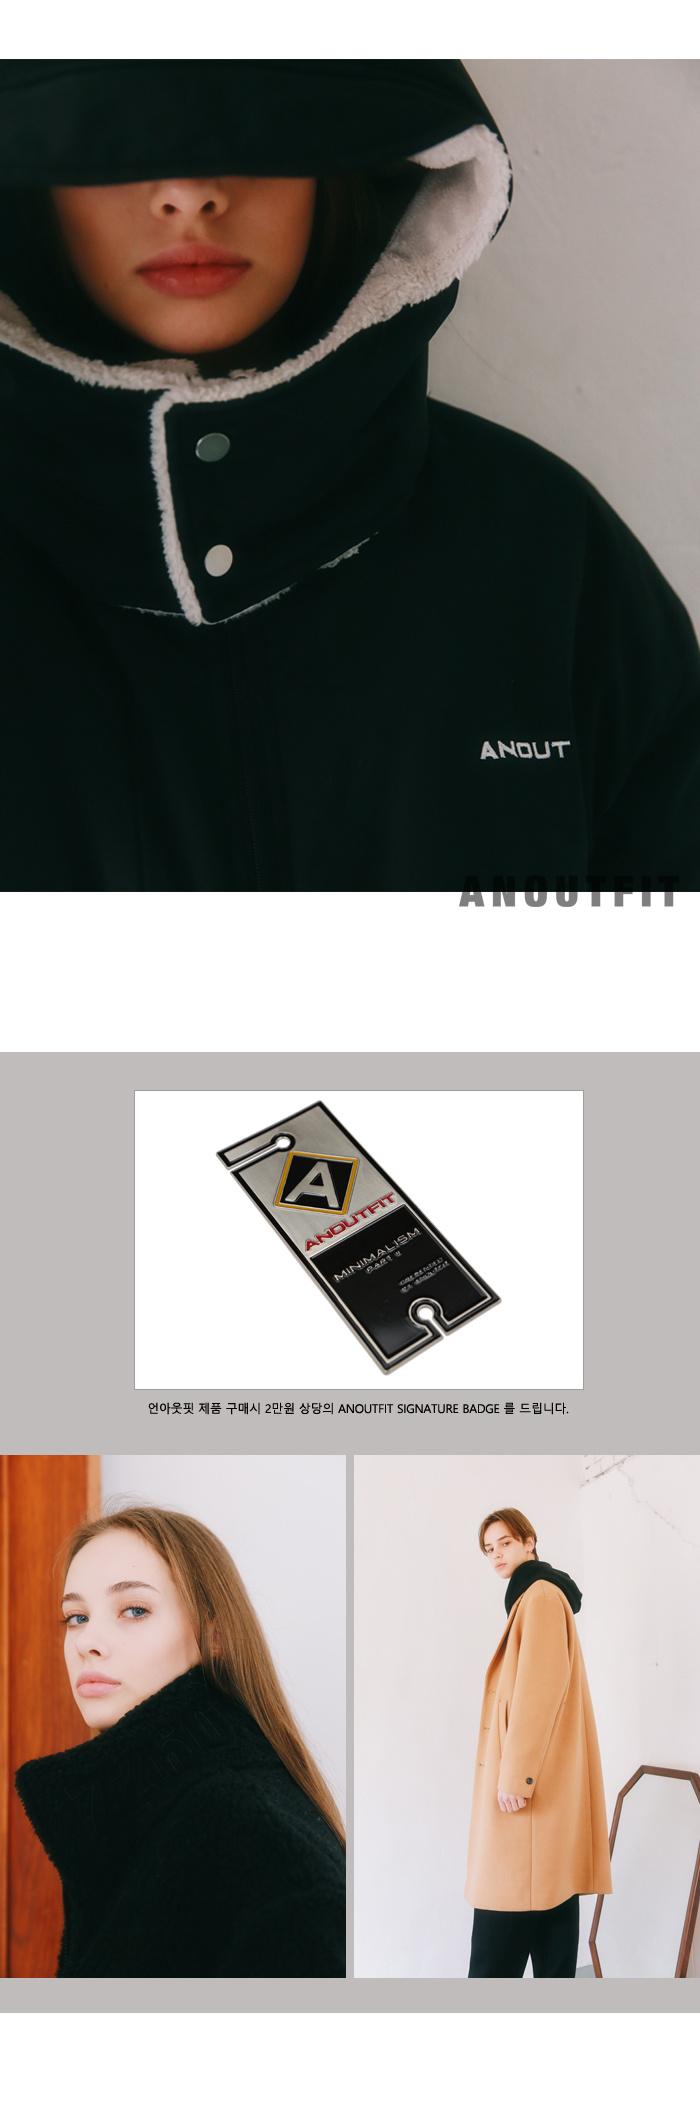 언아웃핏(AOTT) 유니섹스 덤블 롱 점퍼 블랙